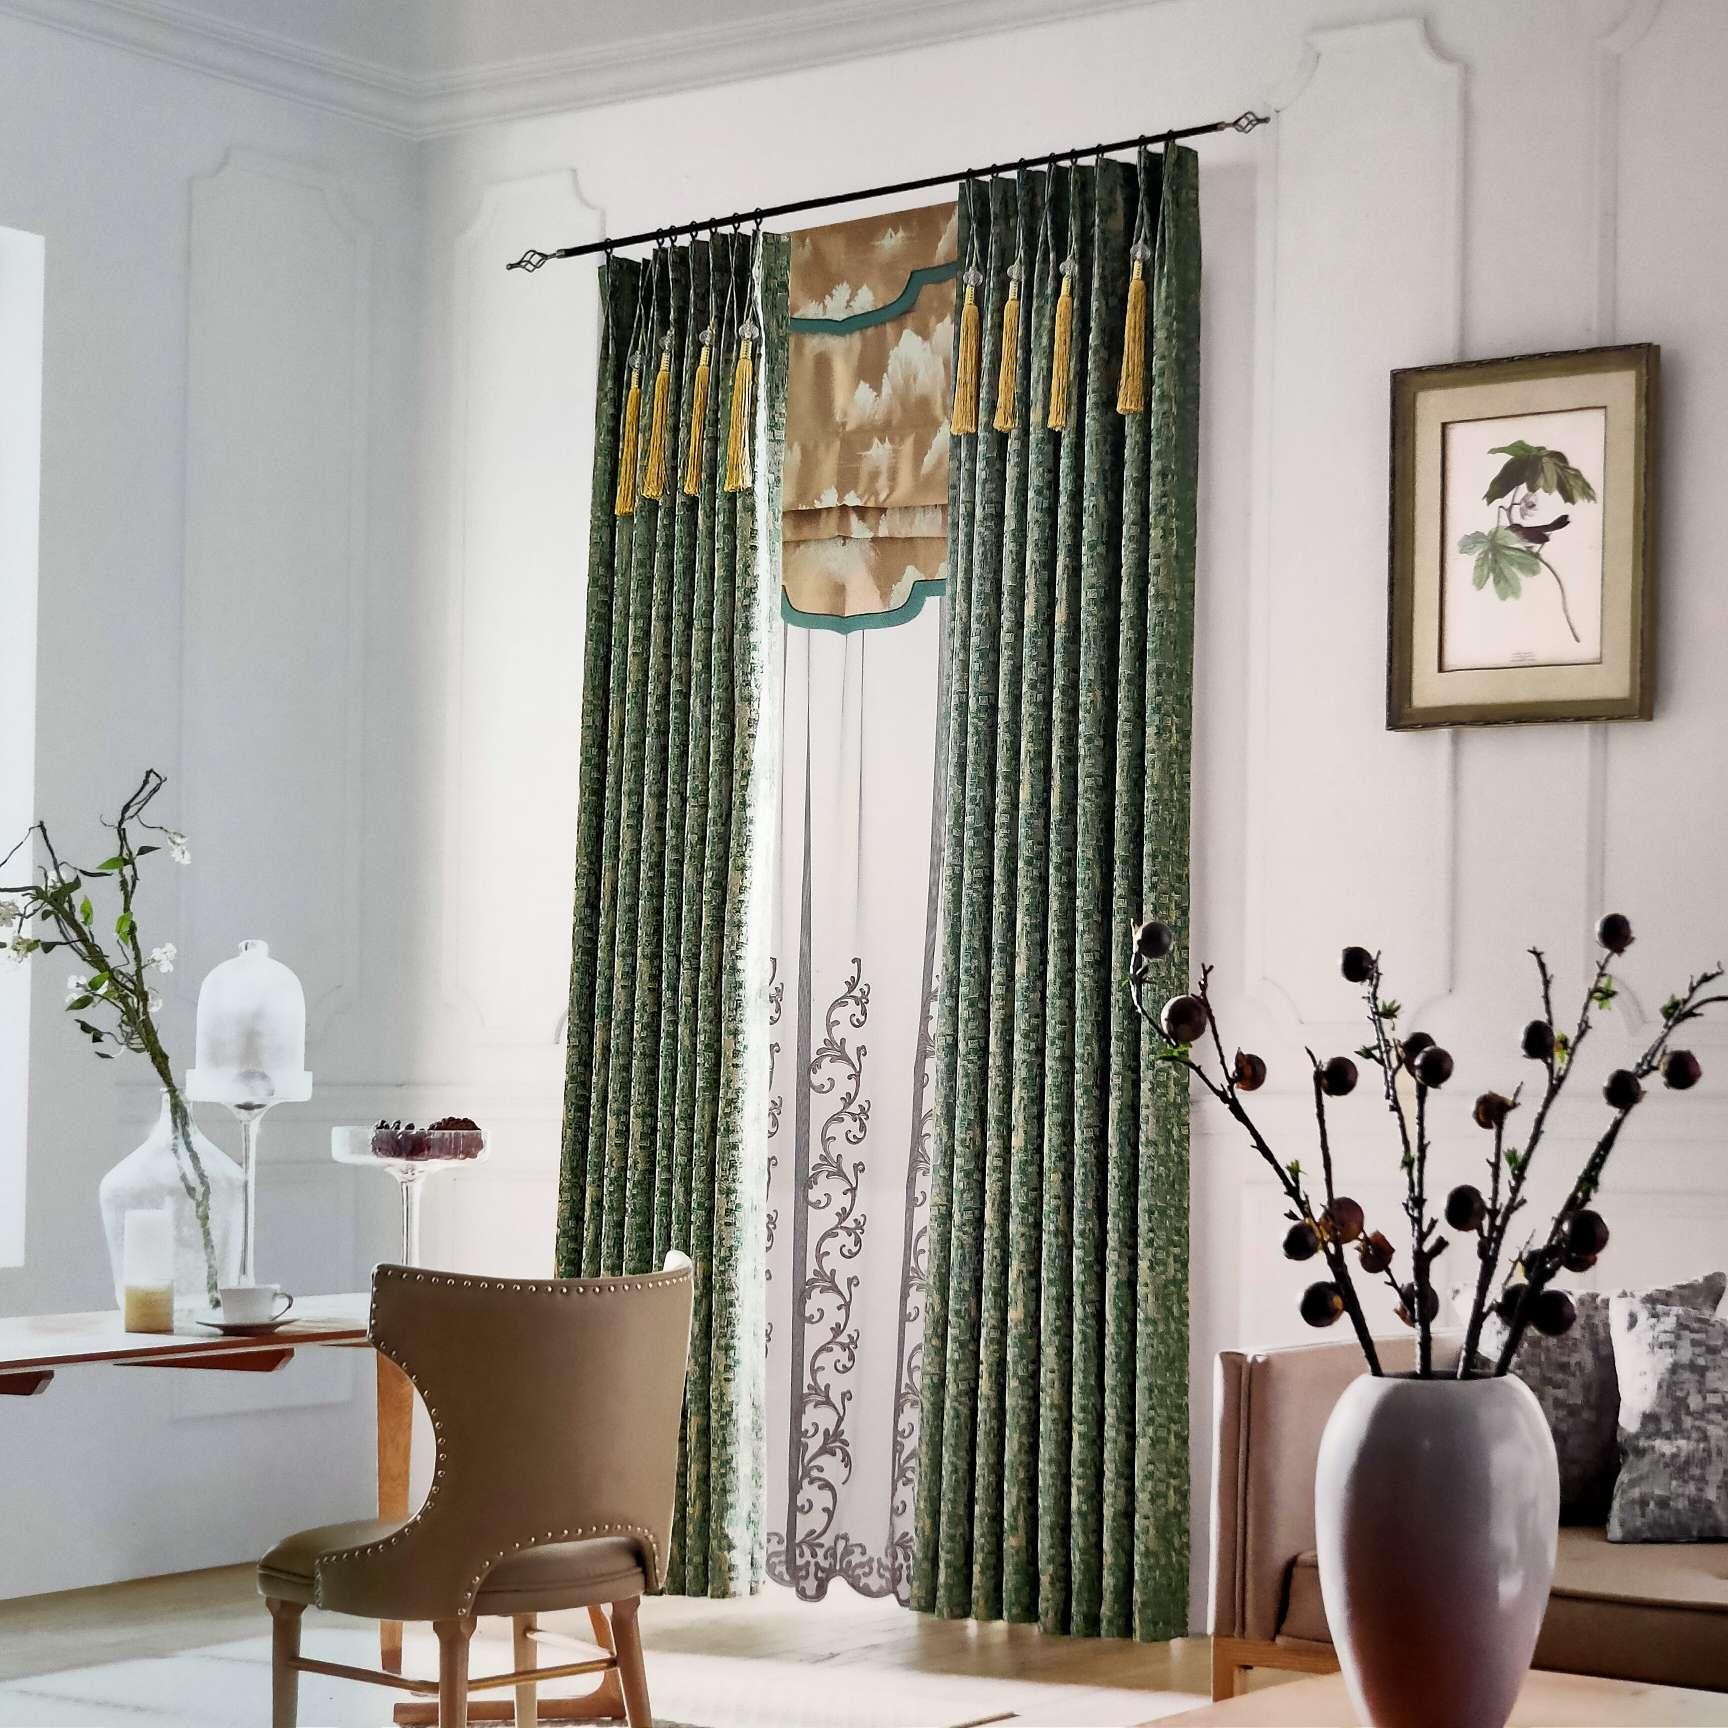 法式轻奢系列窗帘高端高精密提花墨绿色带幔窗帘4m内